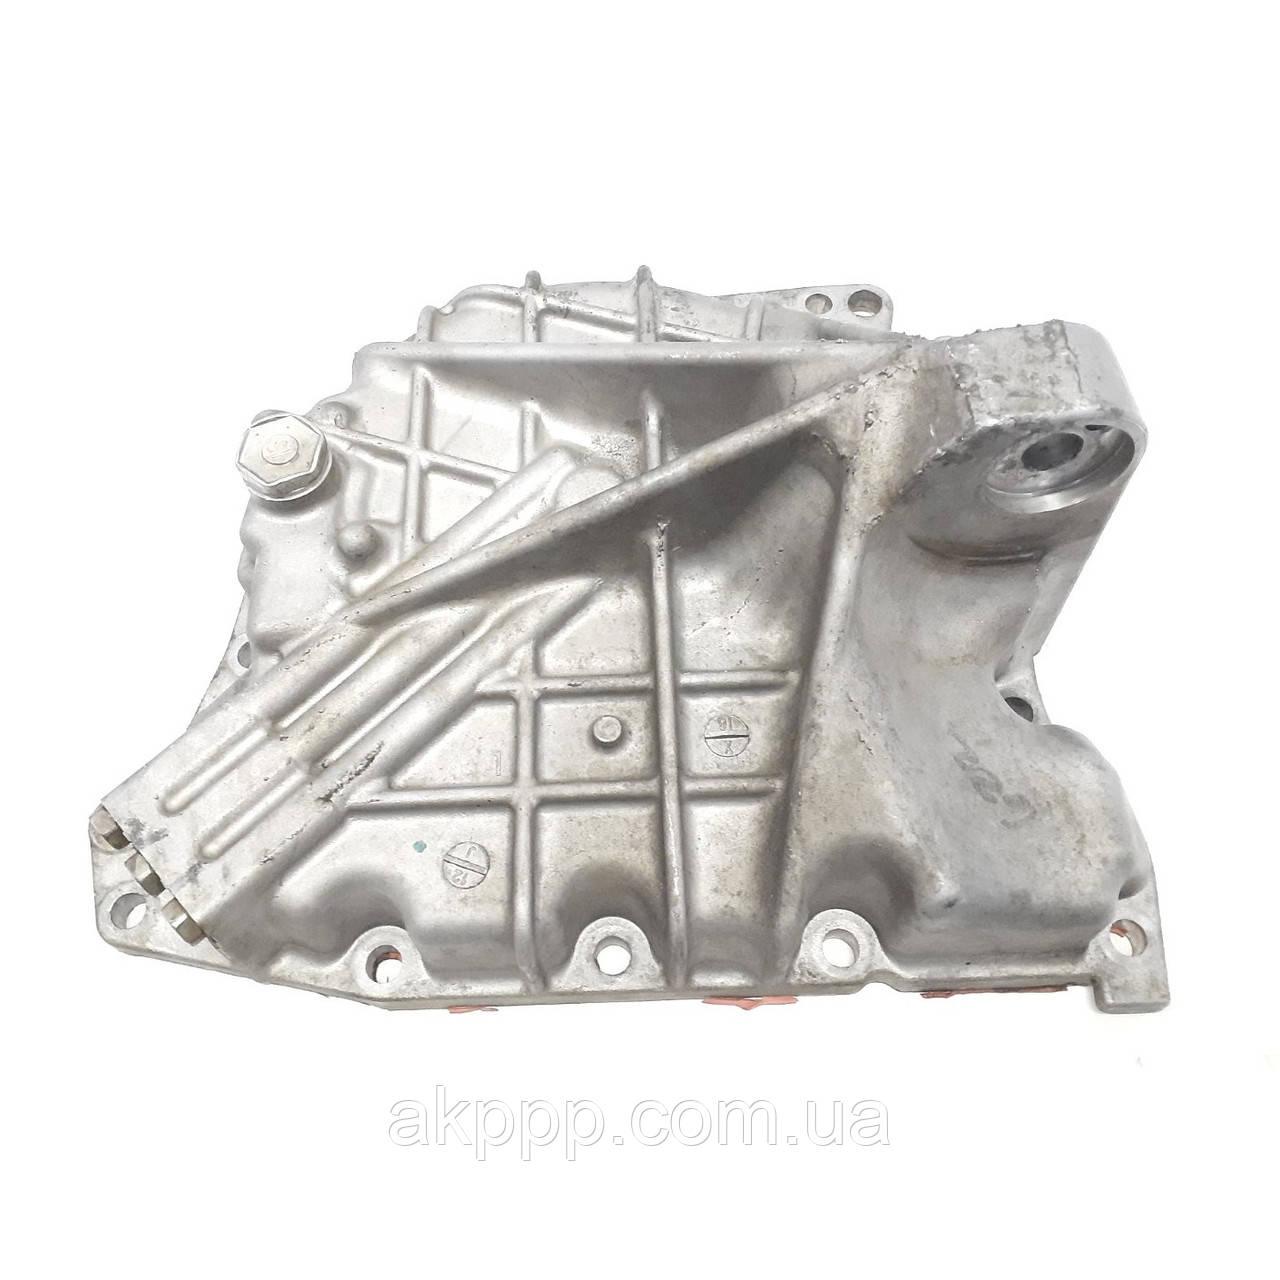 Железо акпп U760E Крышка задняя б/у